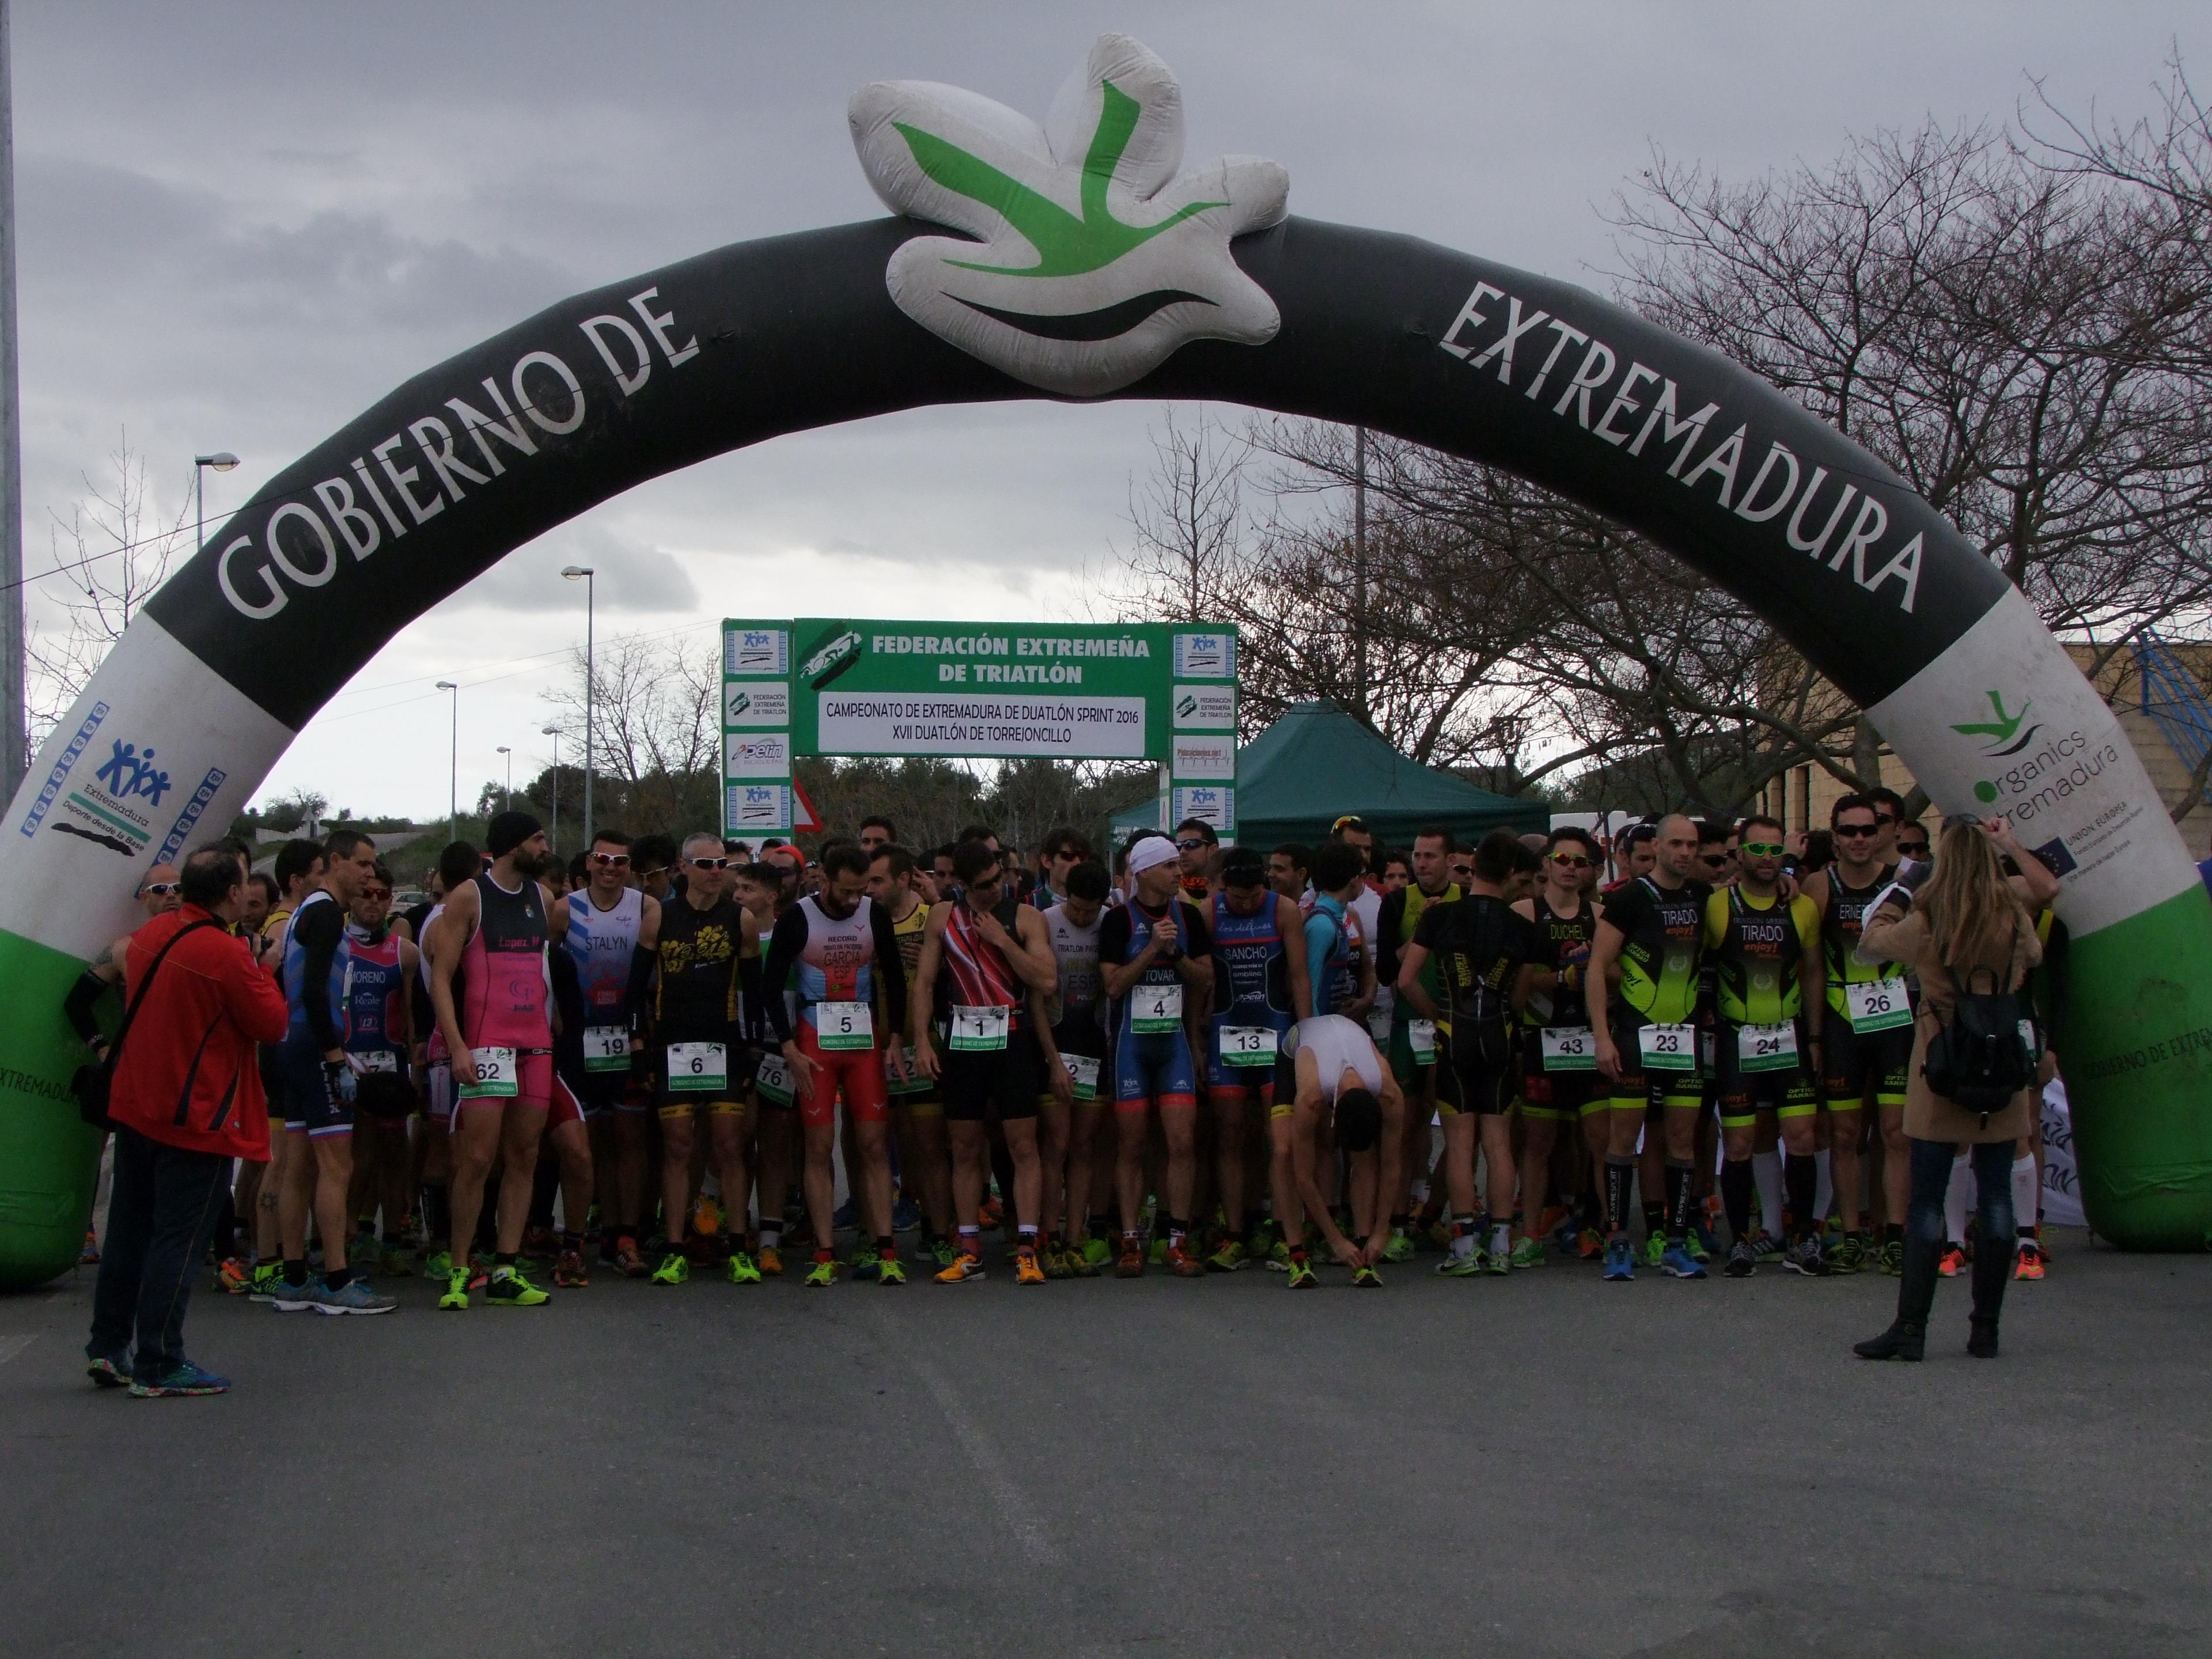 José Manuel Montero y Estefanía Domínguez se imponen en el Duatlón de Torrejoncillo (Contiene Galería)